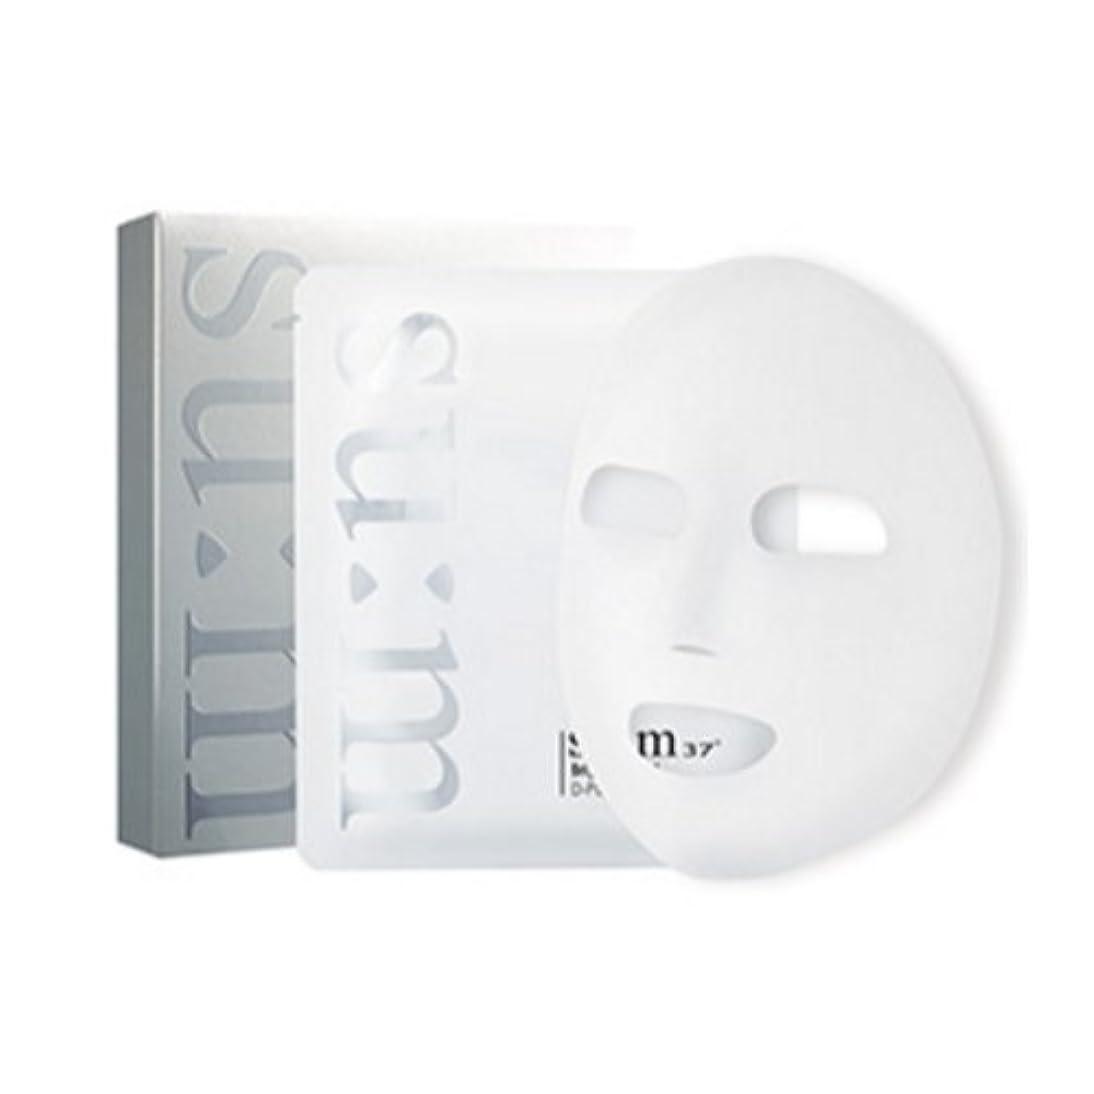 サンドイッチ霧肉屋[スム37°] su:m37°ブライトアワードD-浄化粘土シートマスク(10ea)海外直送品(su:m37° Bright Award D-Purifying Clay Sheet Mask (10ea)) [並行輸入品]